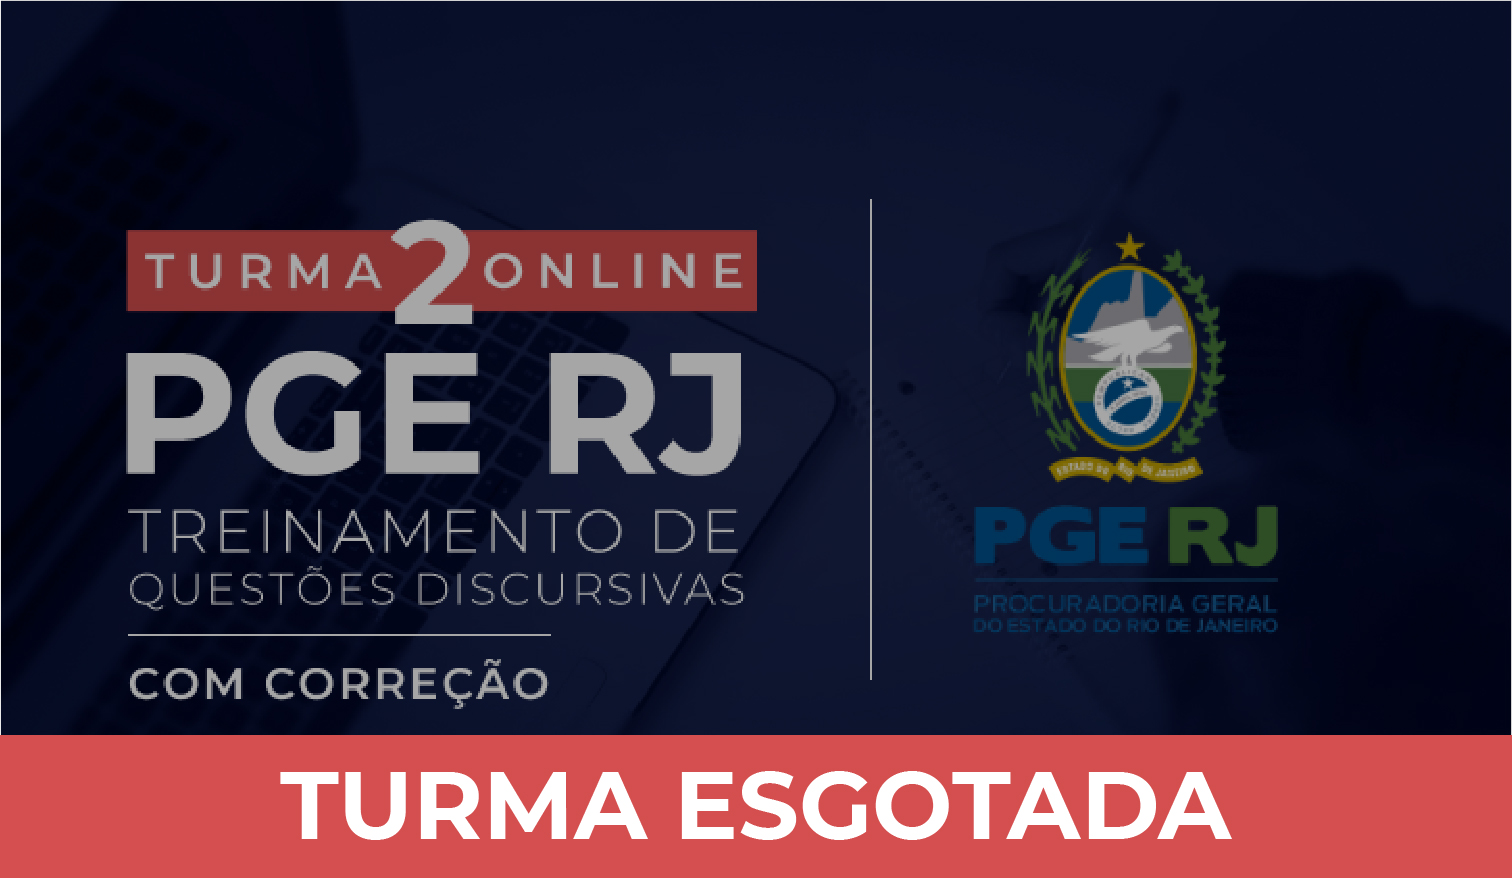 PGE-RJ - Treinamento de Questões Discursivas - Turma 2 (Correção Individualizada)